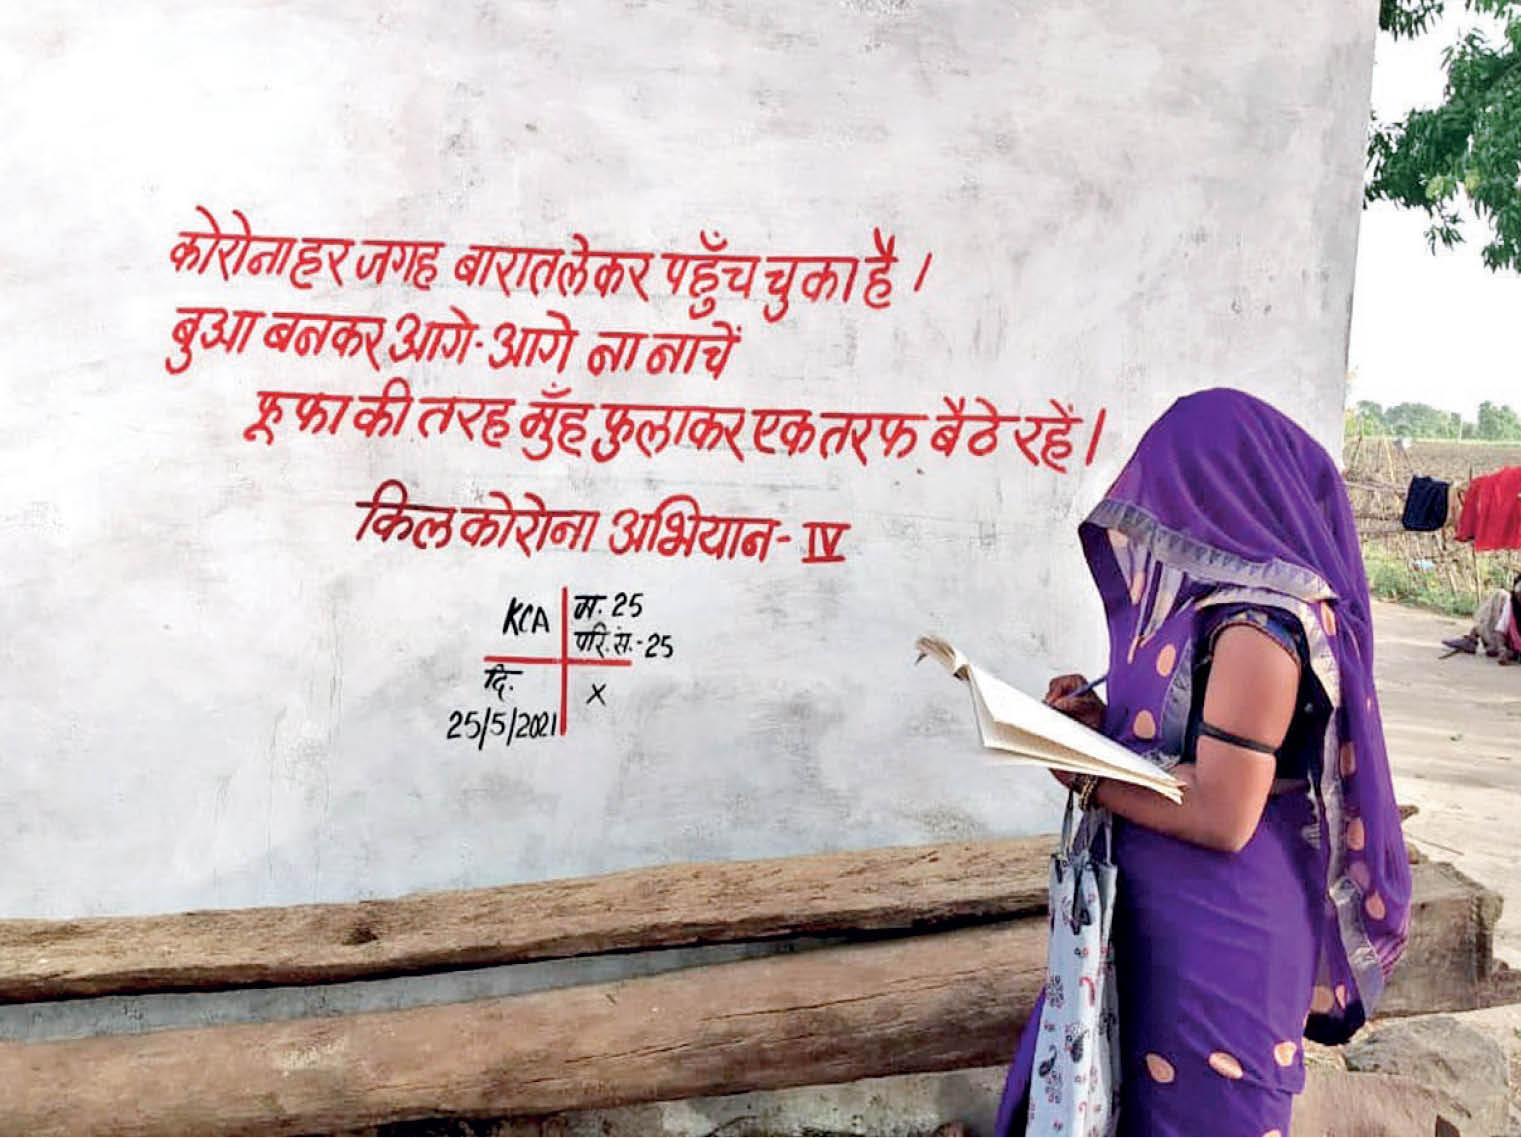 MP में गांव और सरकार बुरे वक्त से पहले ही संभले, प्रदेश की 20 हजार से ज्यादा पंचायतों में कोरोना का एक भी केस नहीं भोपाल,Bhopal - Dainik Bhaskar